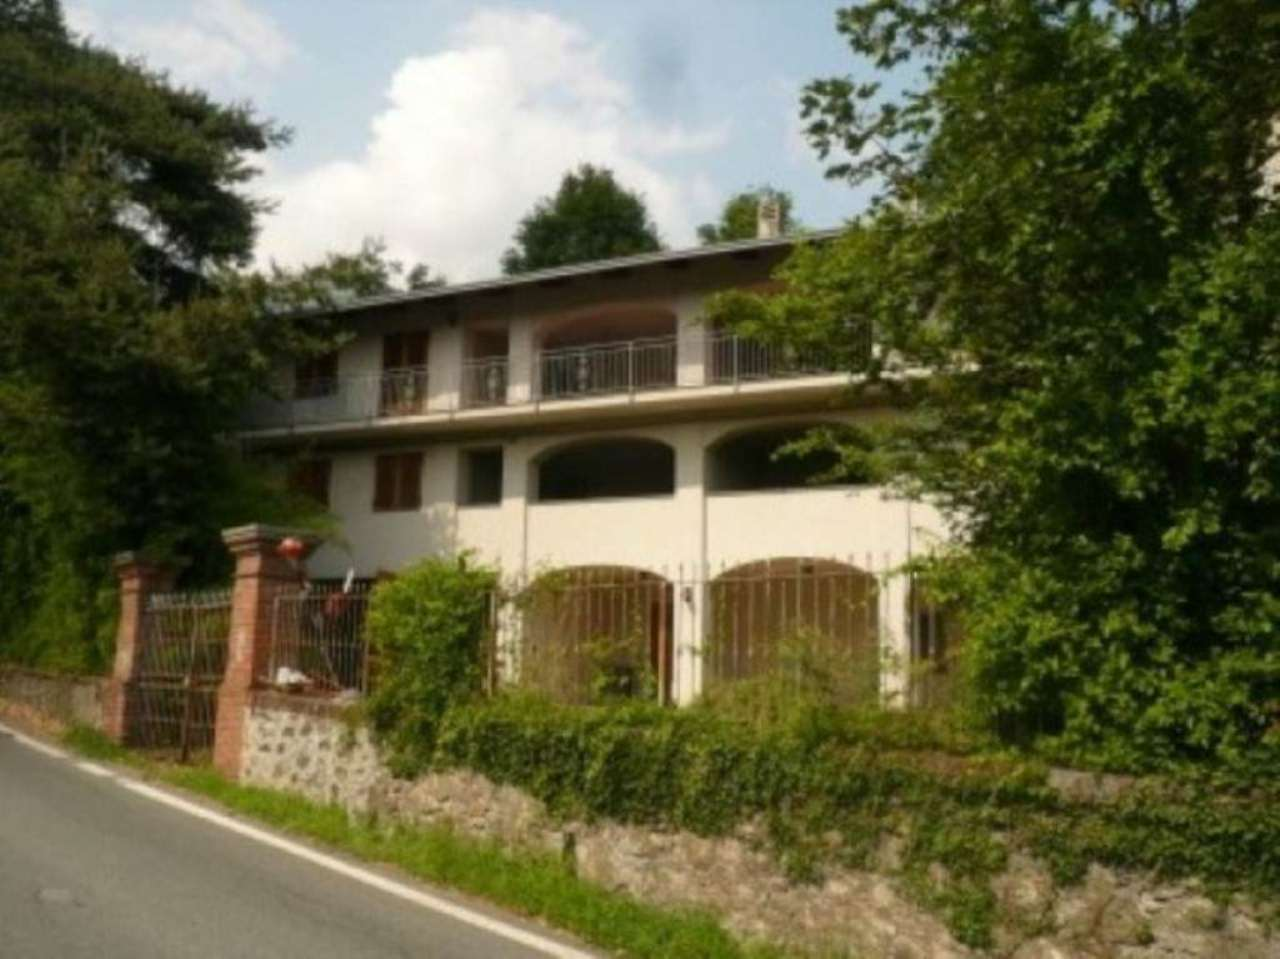 Soluzione Indipendente in vendita a Vico Canavese, 9999 locali, prezzo € 75.000   CambioCasa.it